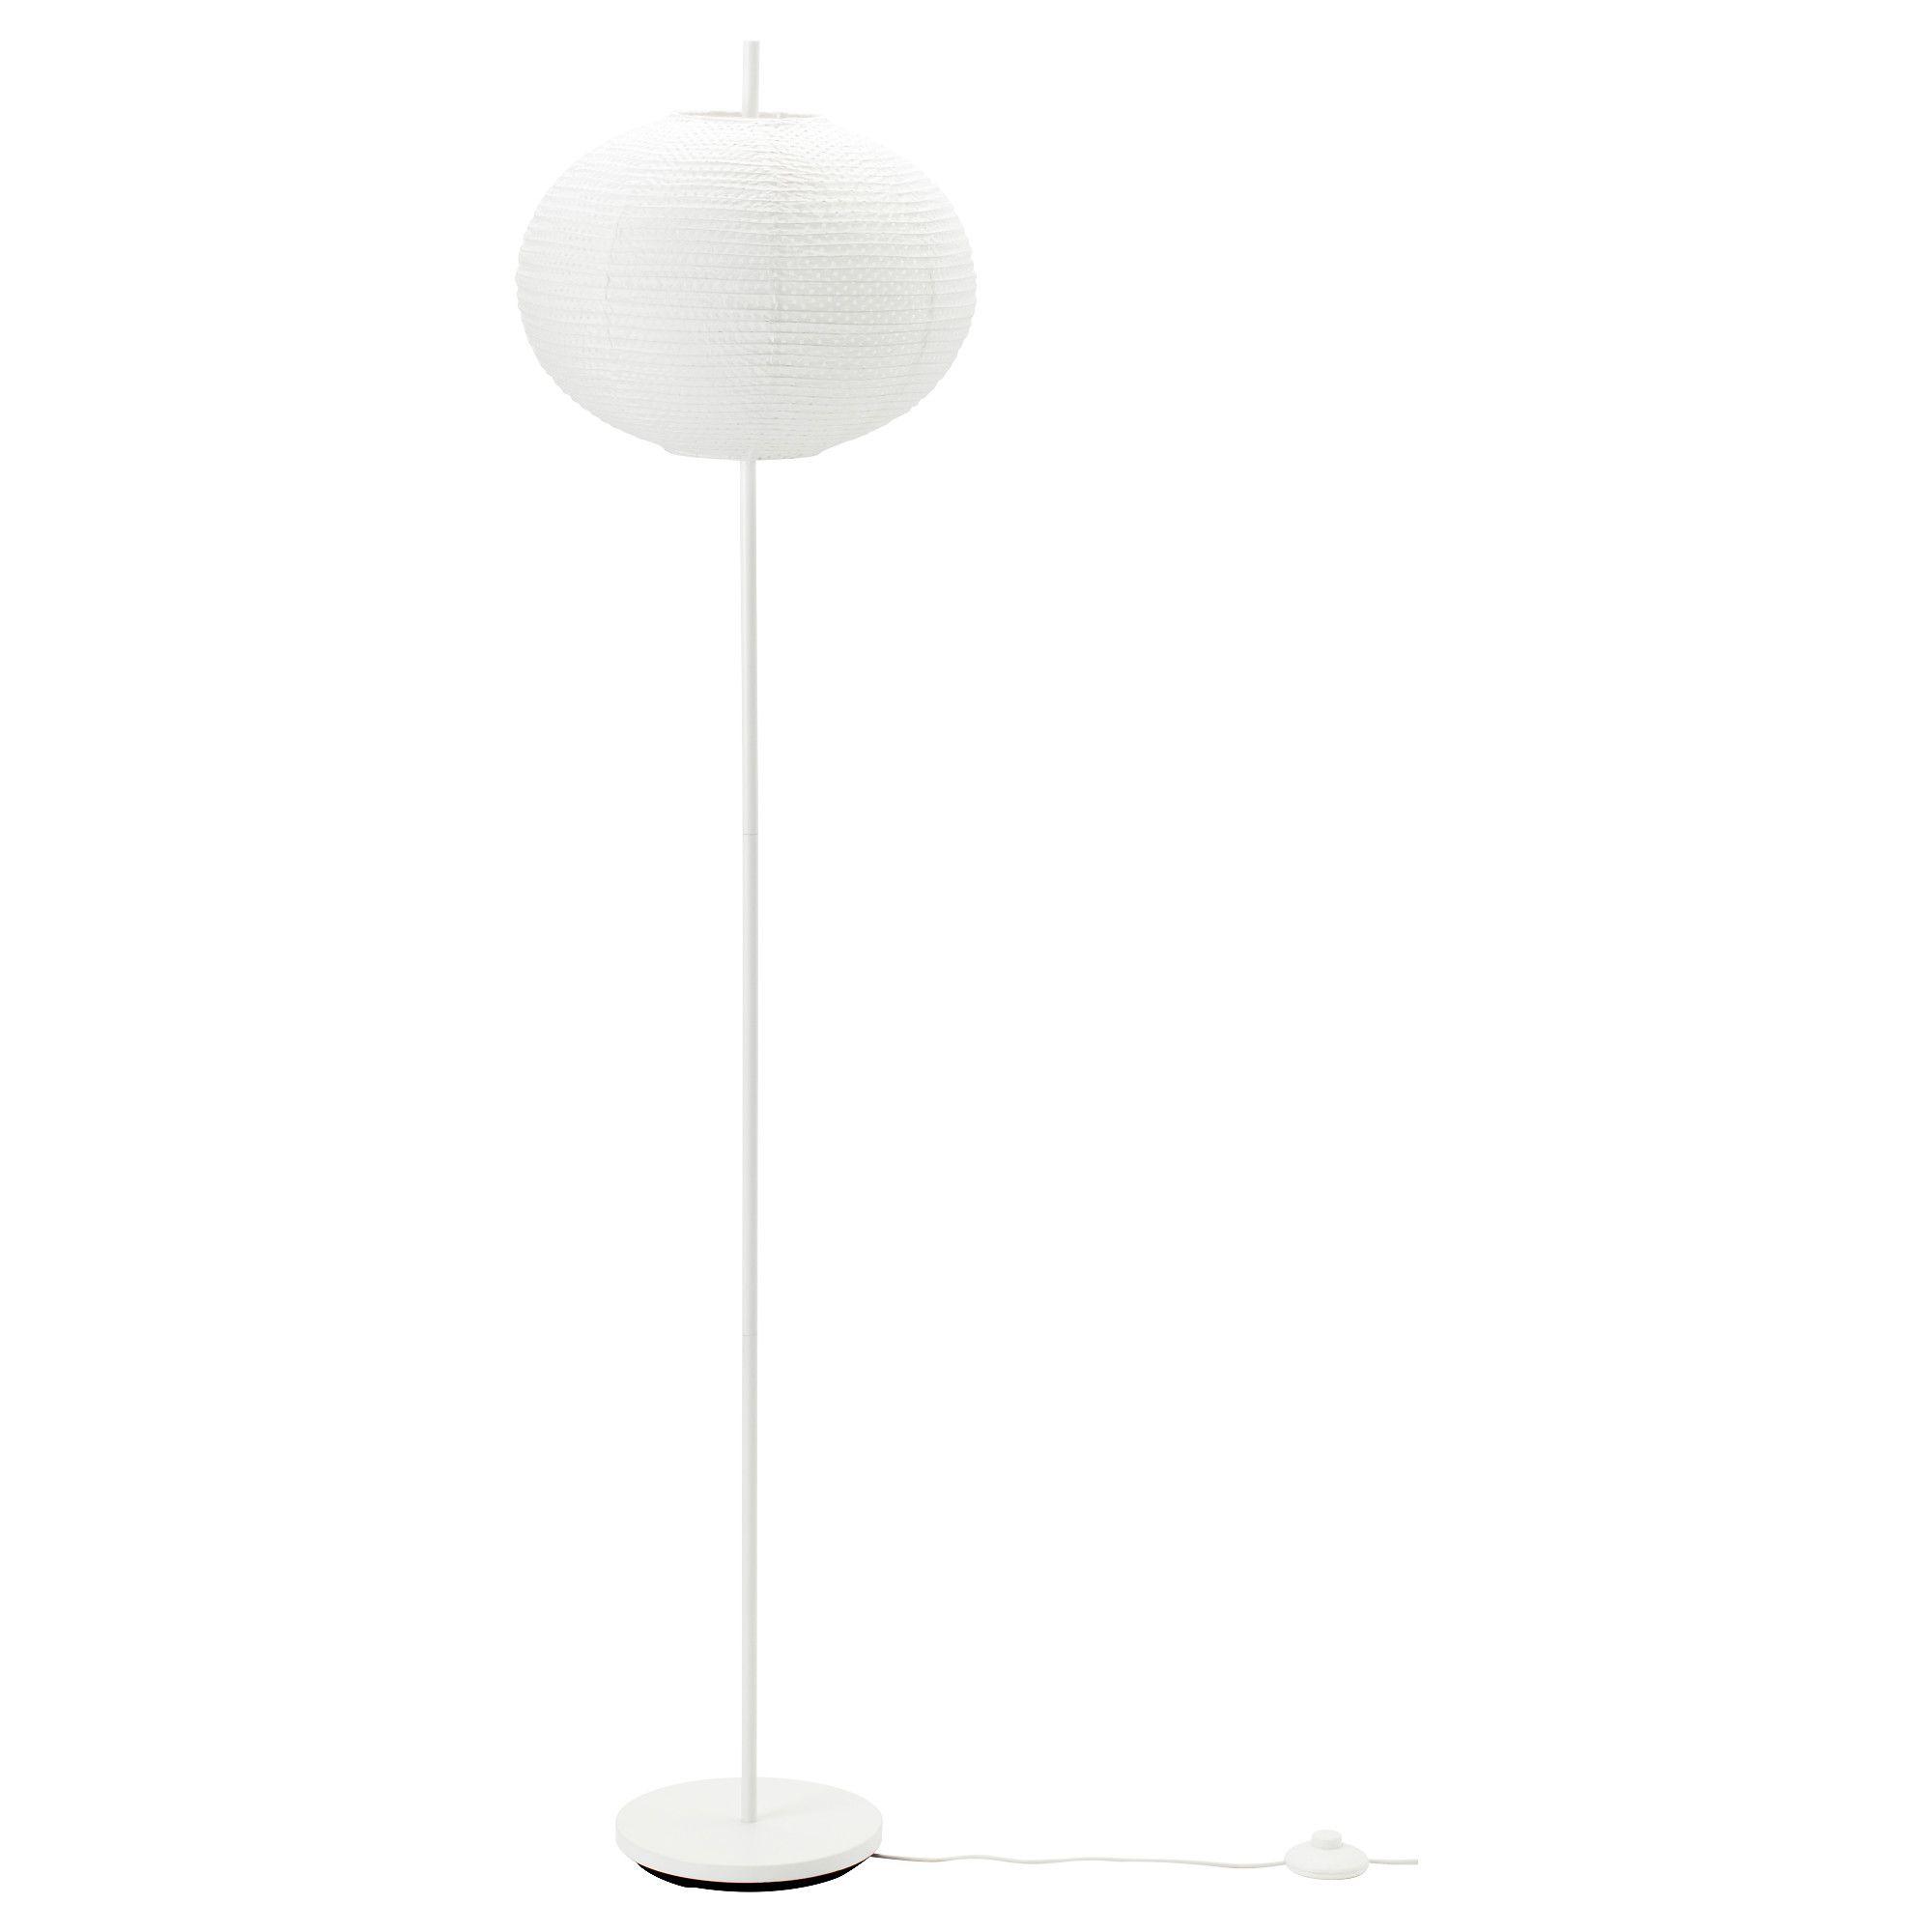 IKEA - SOLLEFTEÅ, Staande lamp, , Met een papieren lamp creëer je een zachte, gezellige sfeer in huis omdat de lamp een gelijkmatig en decoratief licht verspreidt.